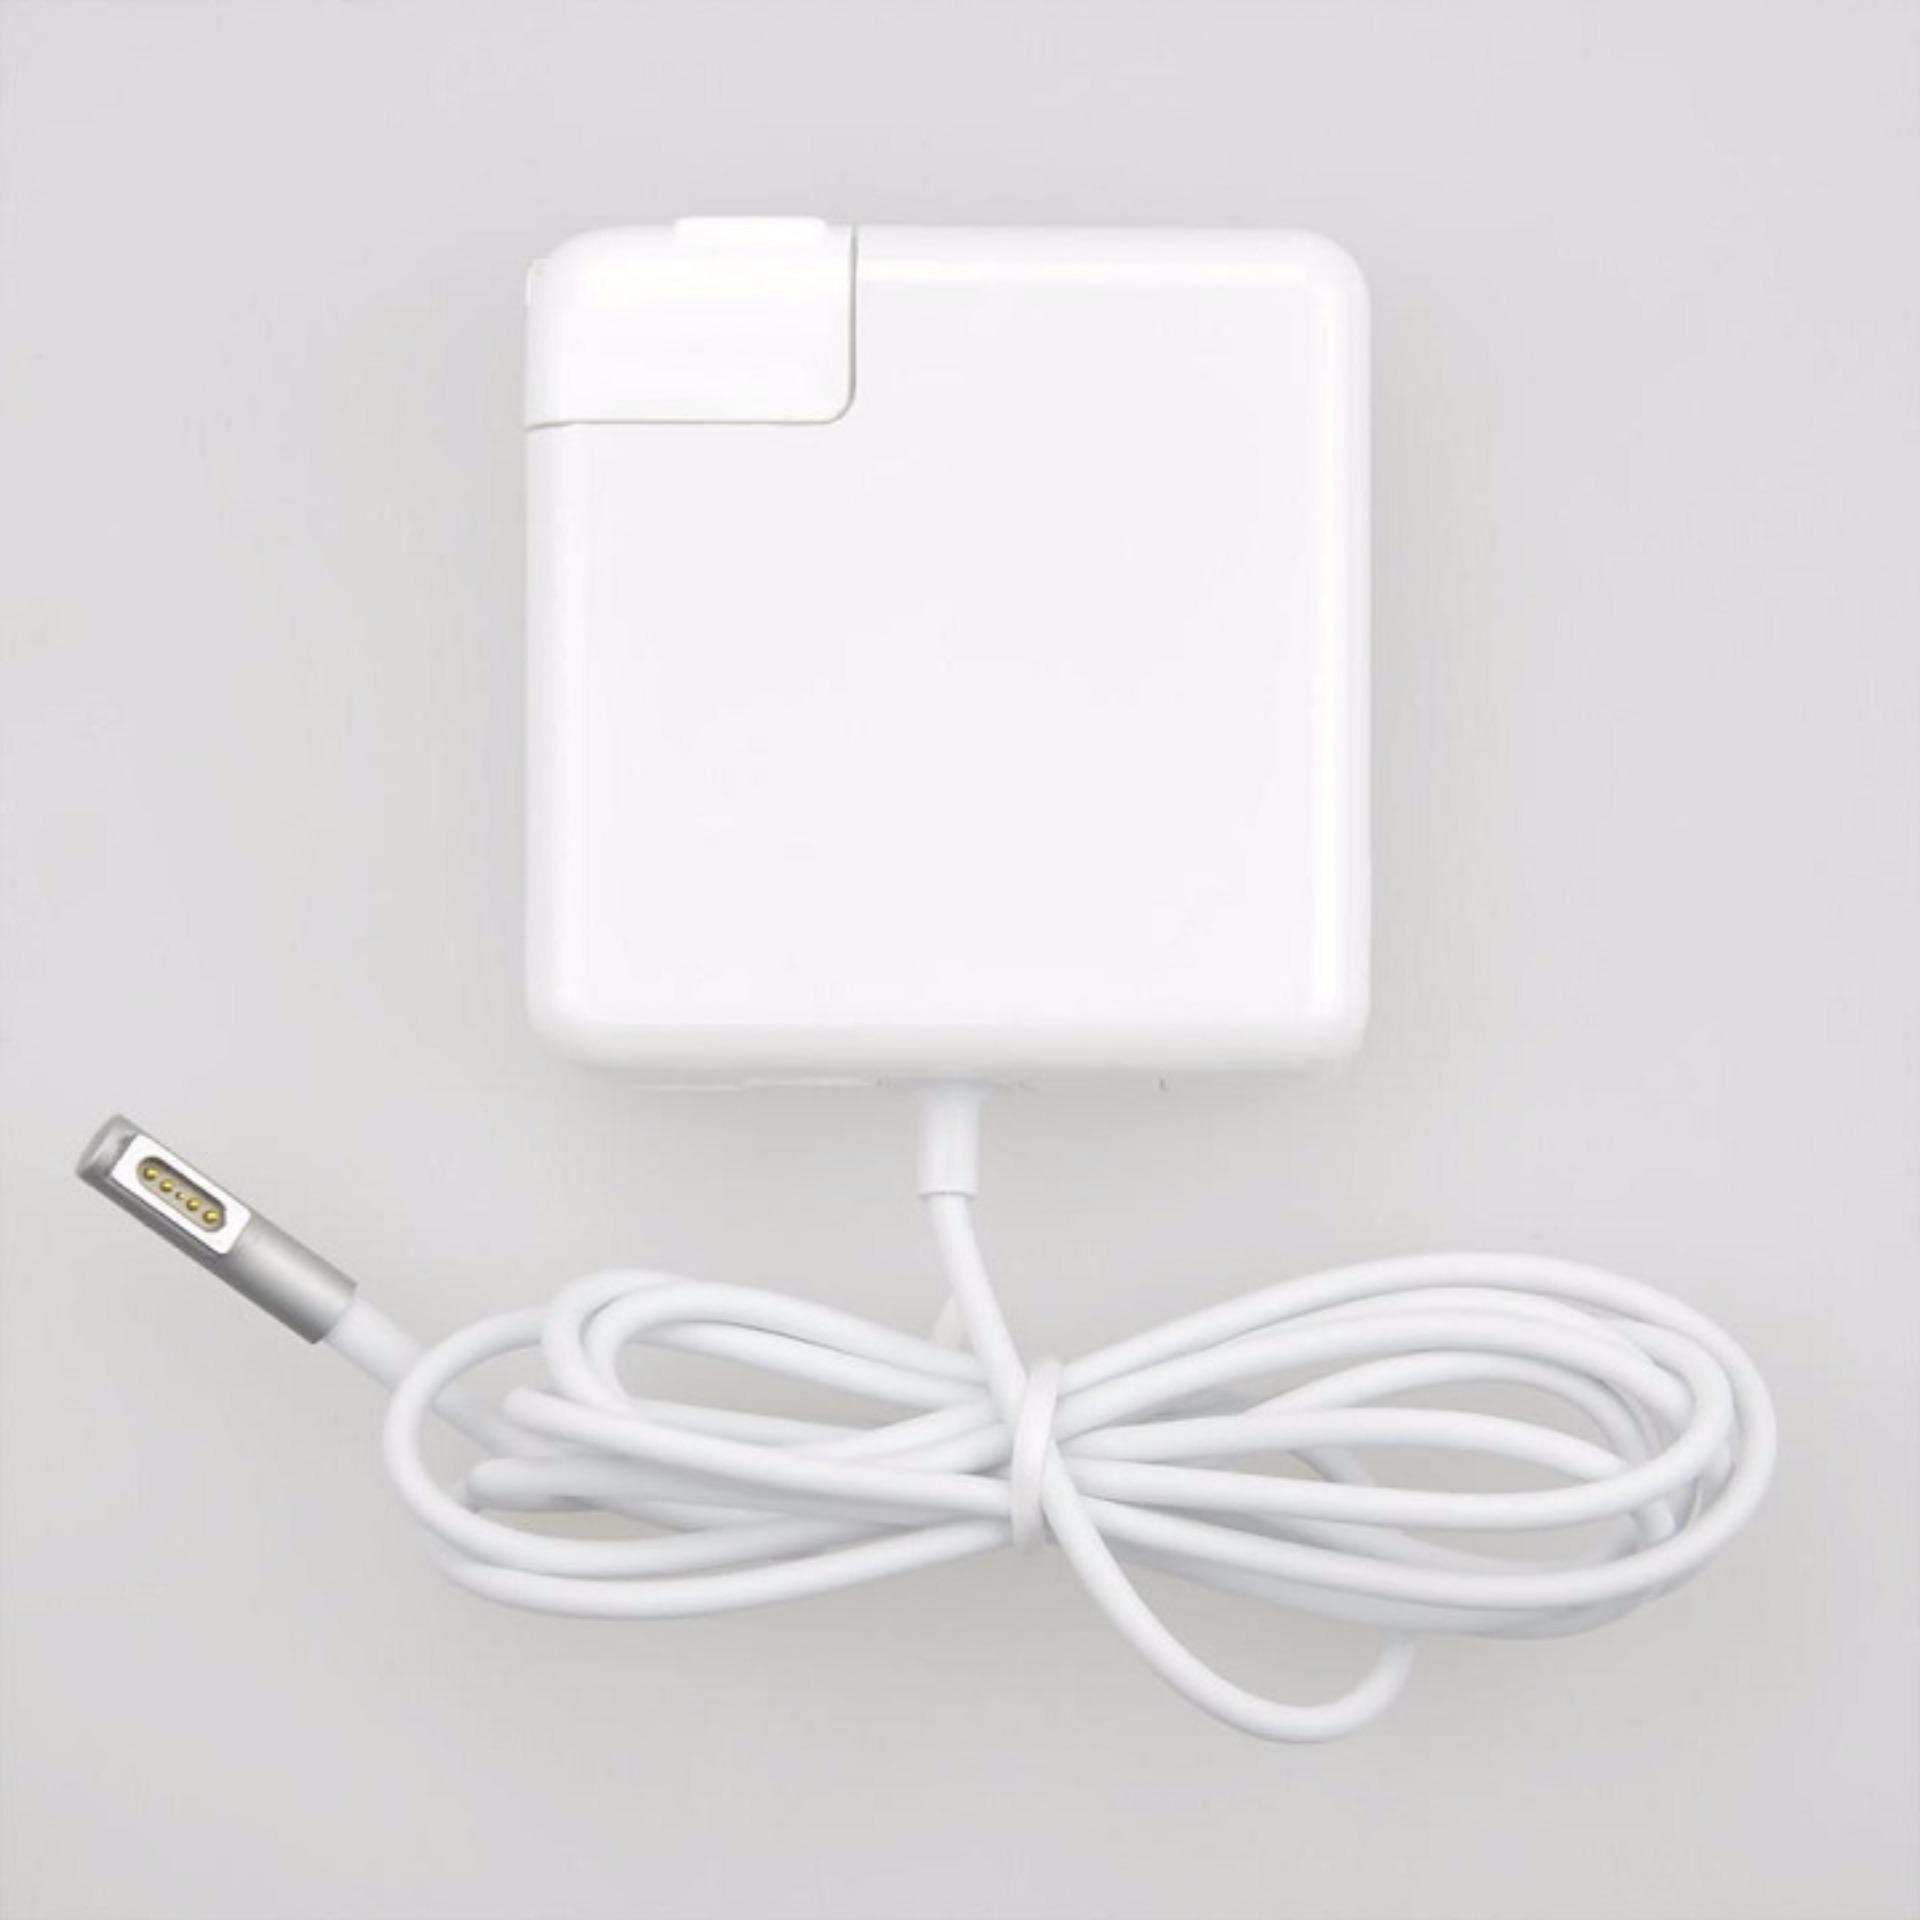 Sạc Macbook 85W 2012 -18.5v – 4.6A – Hàng nhập khẩu